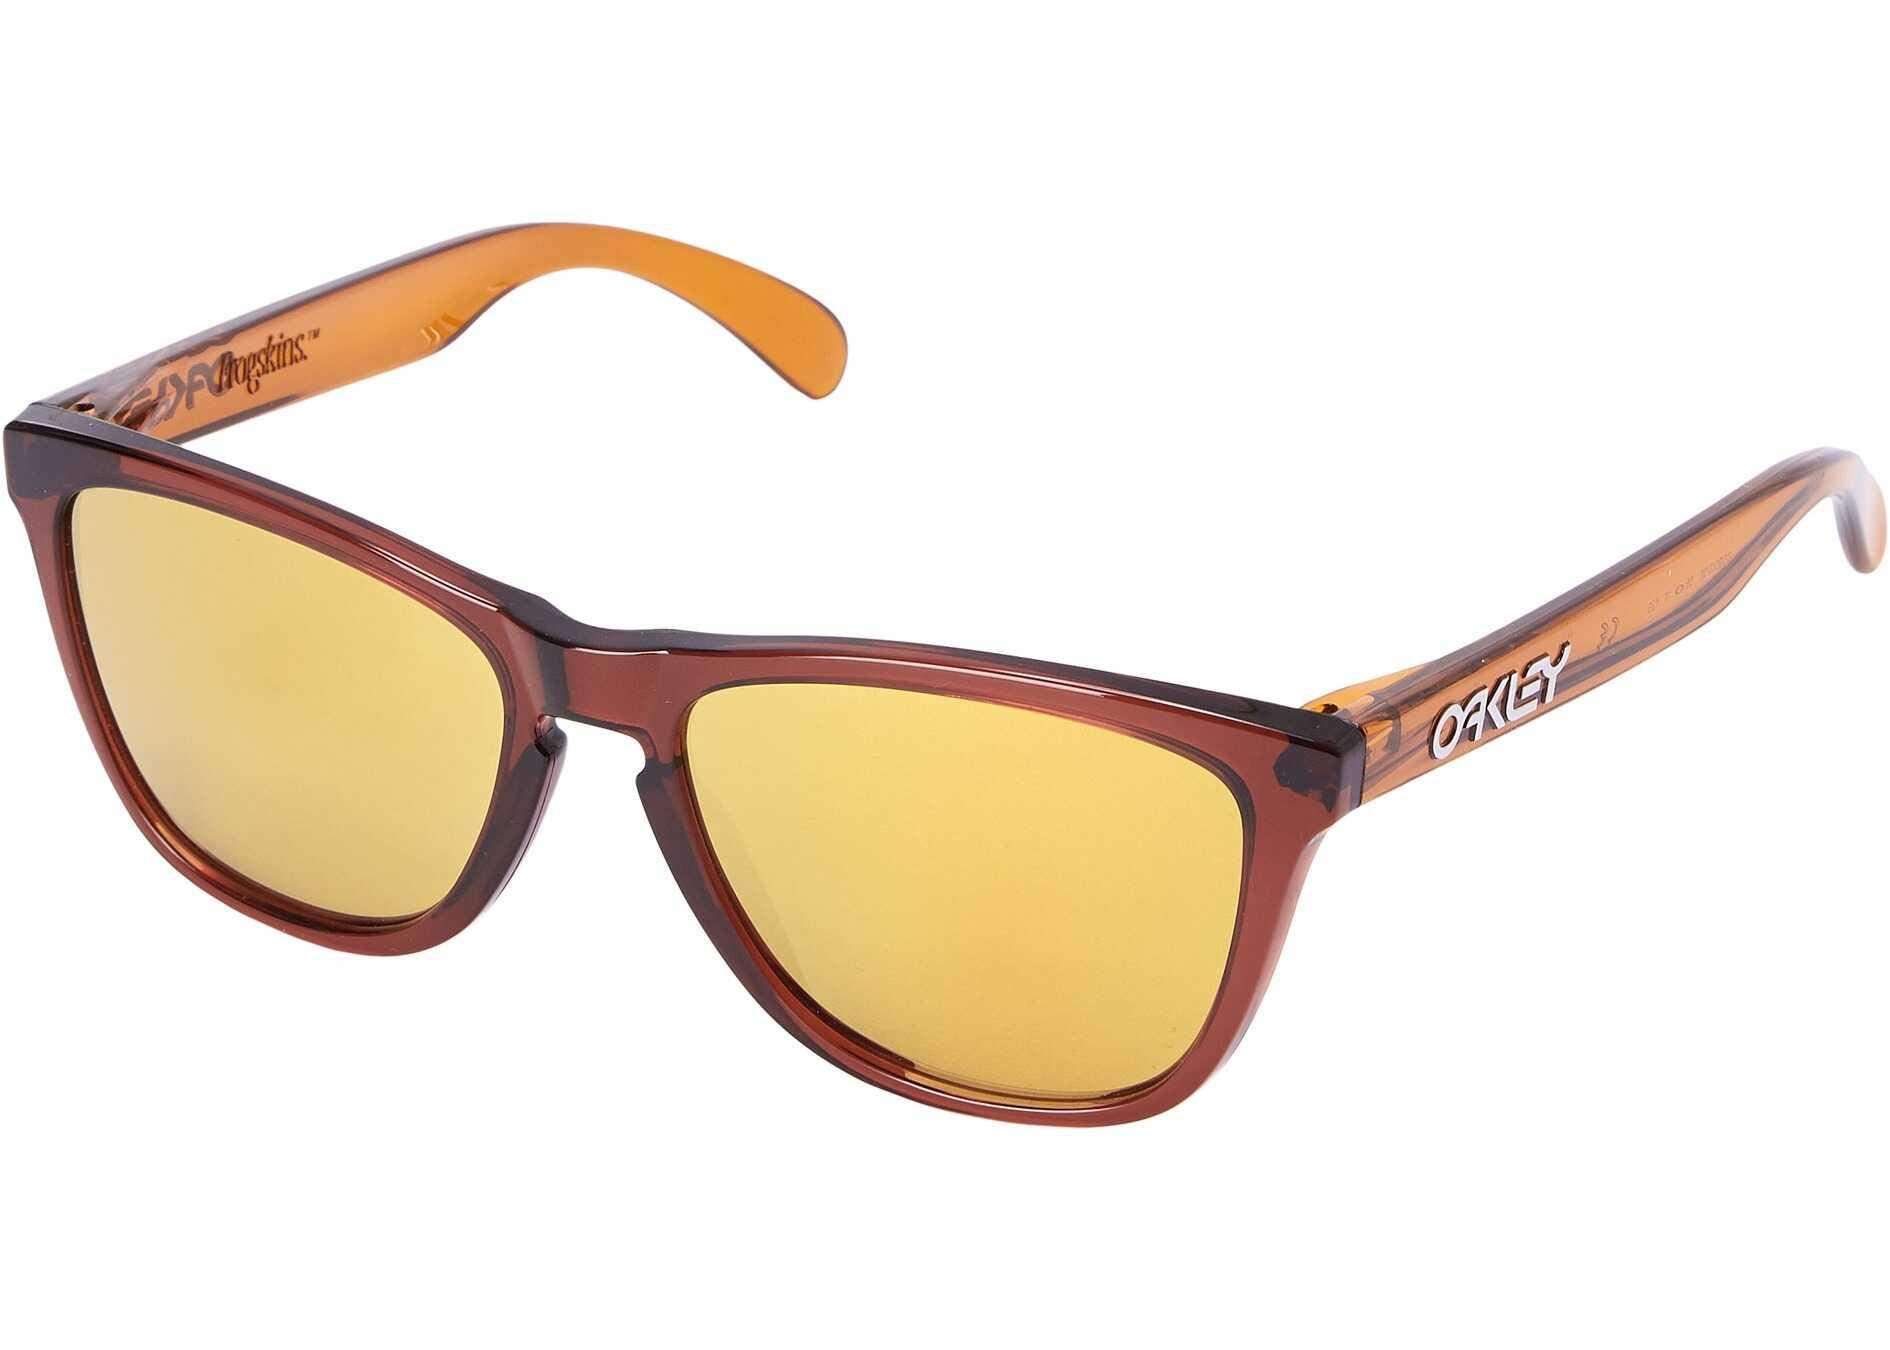 Oakley 9013 SOLE 901338